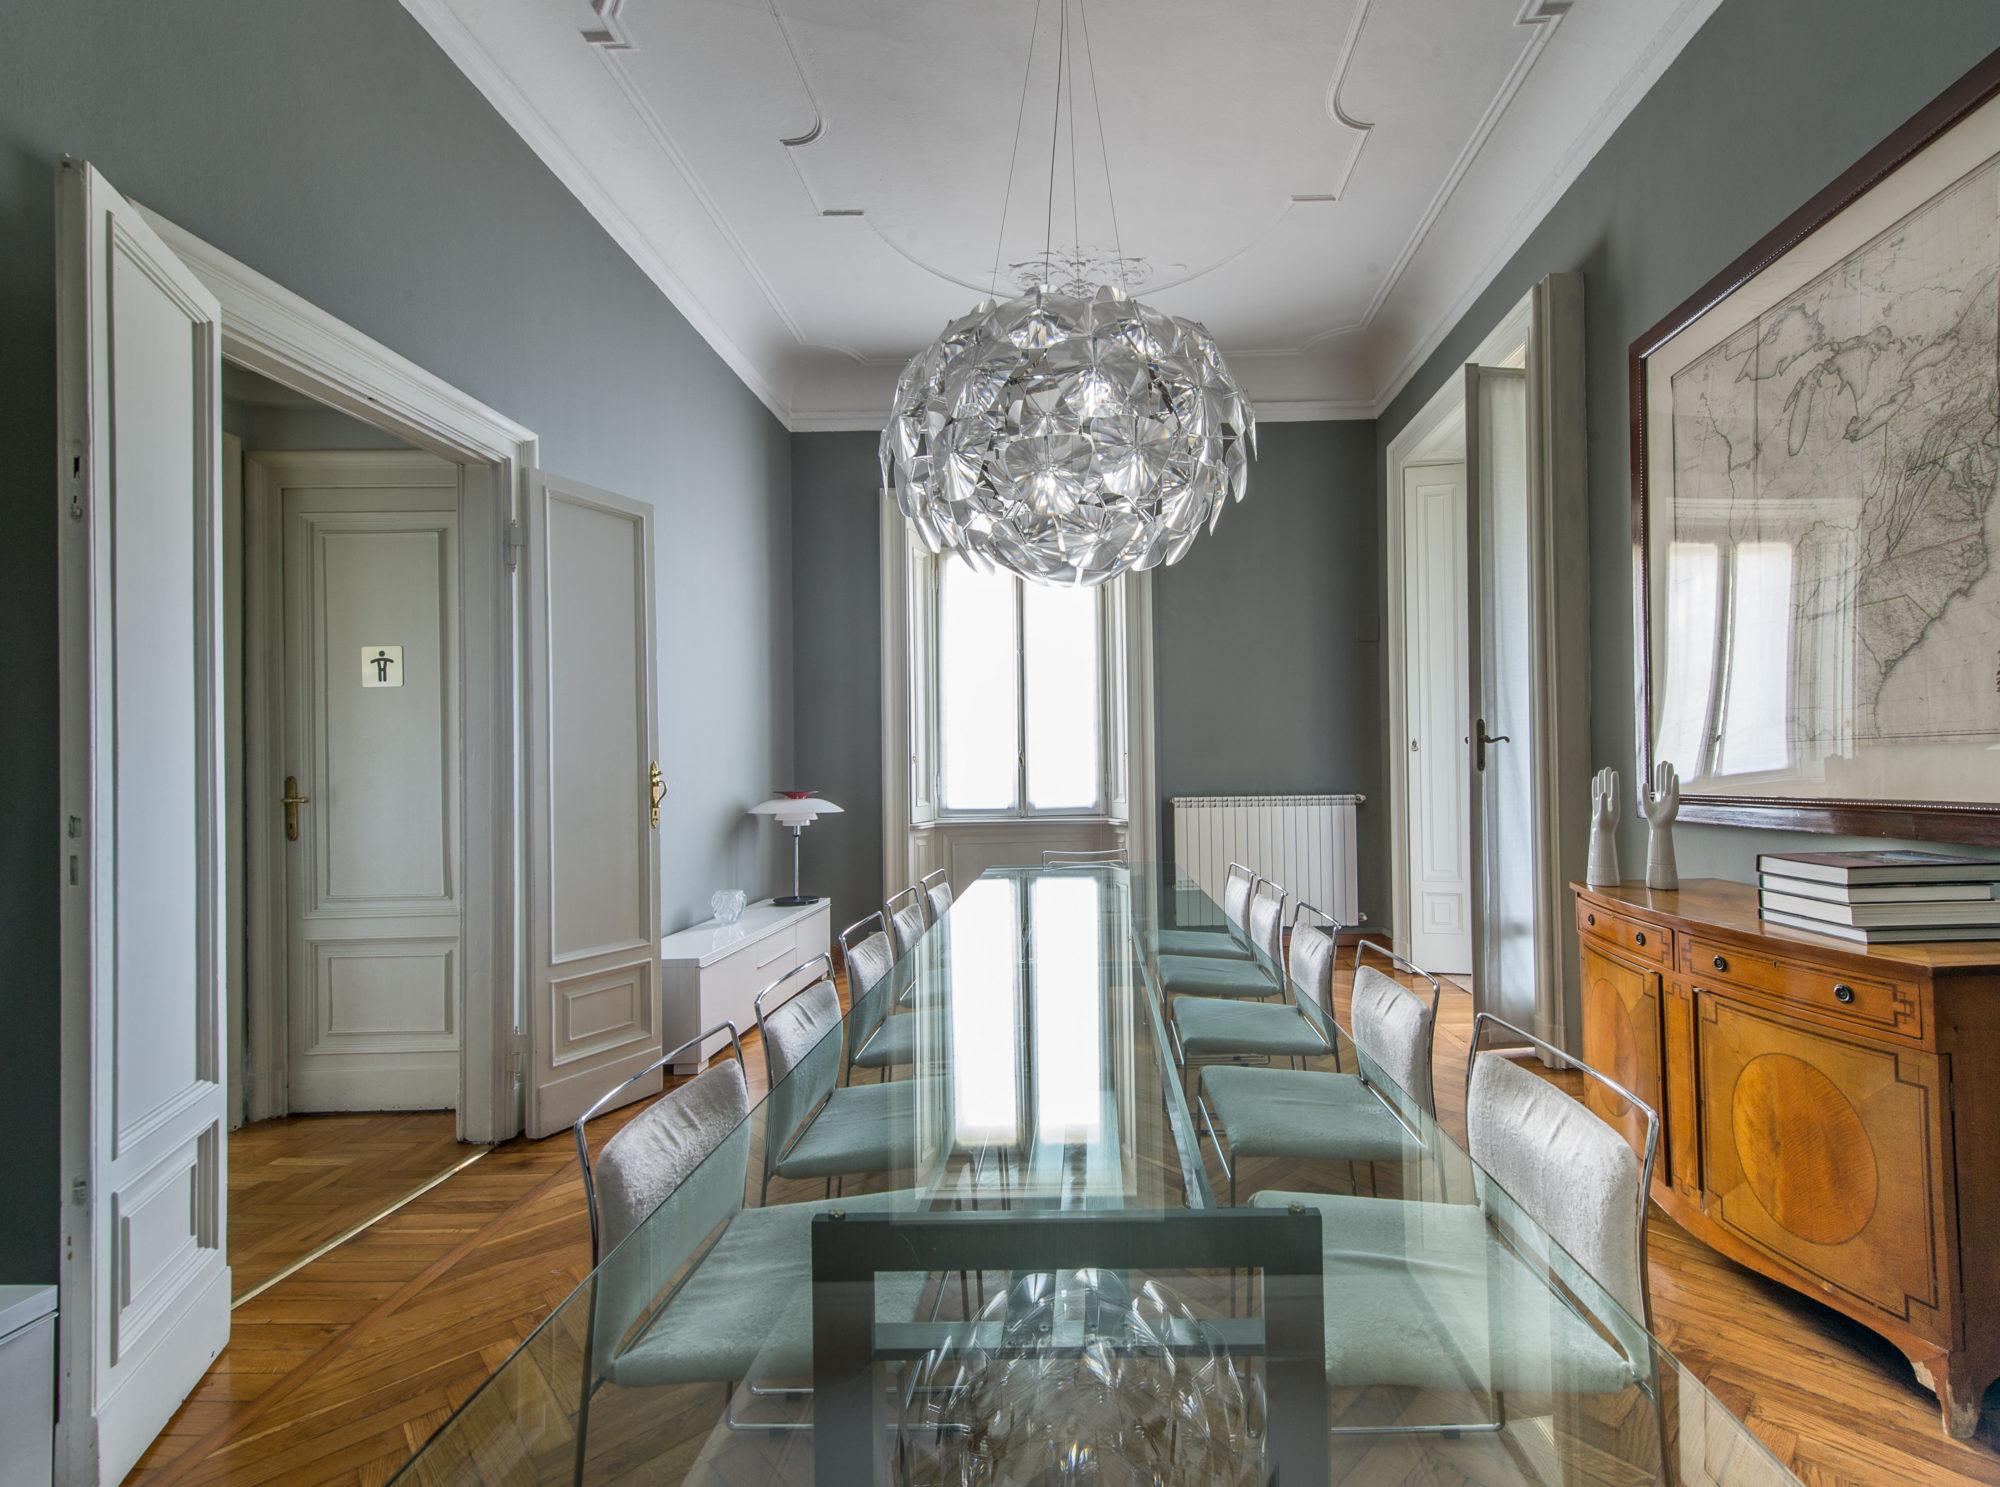 Architetto carlo dal bianco sala riunioni fotografo for Architetto arredamento interni